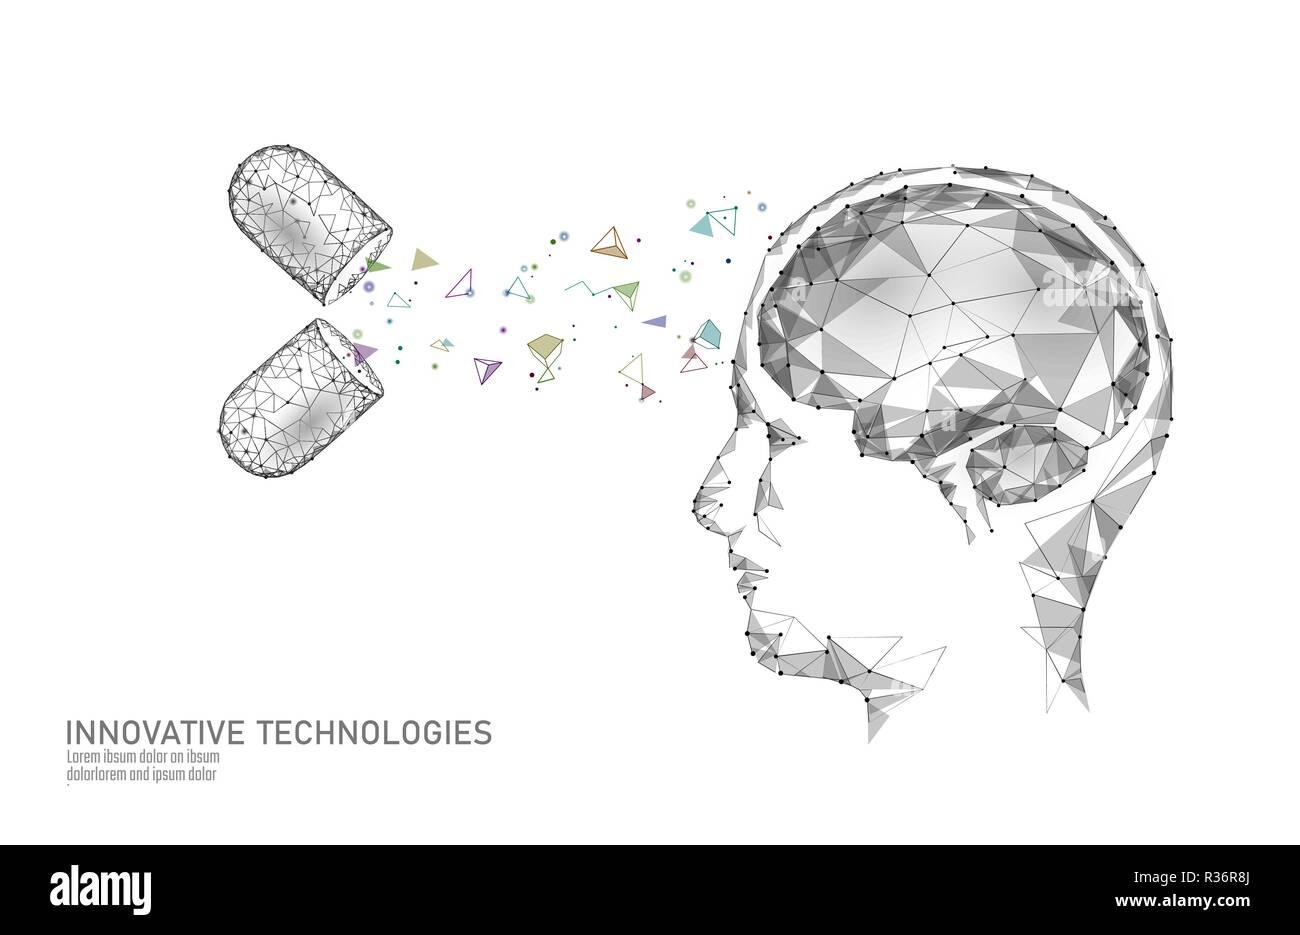 Traitement du cerveau low poly 3D render. Nootropique médicaments stimulant la capacité humaine smart de la santé mentale. La réadaptation cognitive de la médecine sur la maladie d'Alzheimer et démence vector illustration Illustration de Vecteur